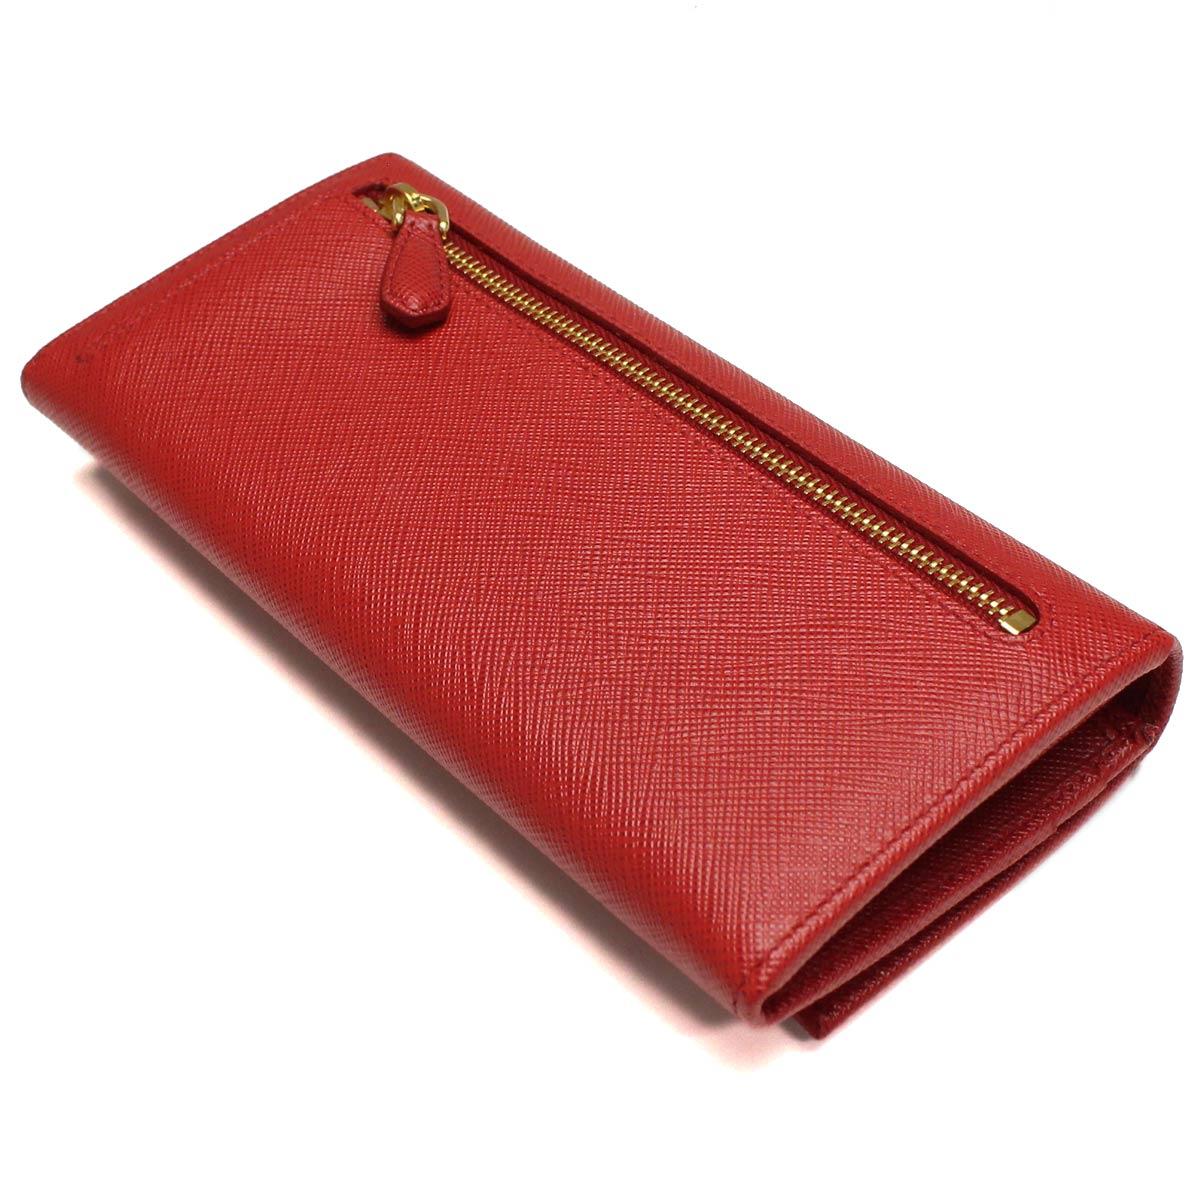 69a3965d94046 Bighit The total brand wholesale  BI-fold wallet Prada (PRADA) rubx ...